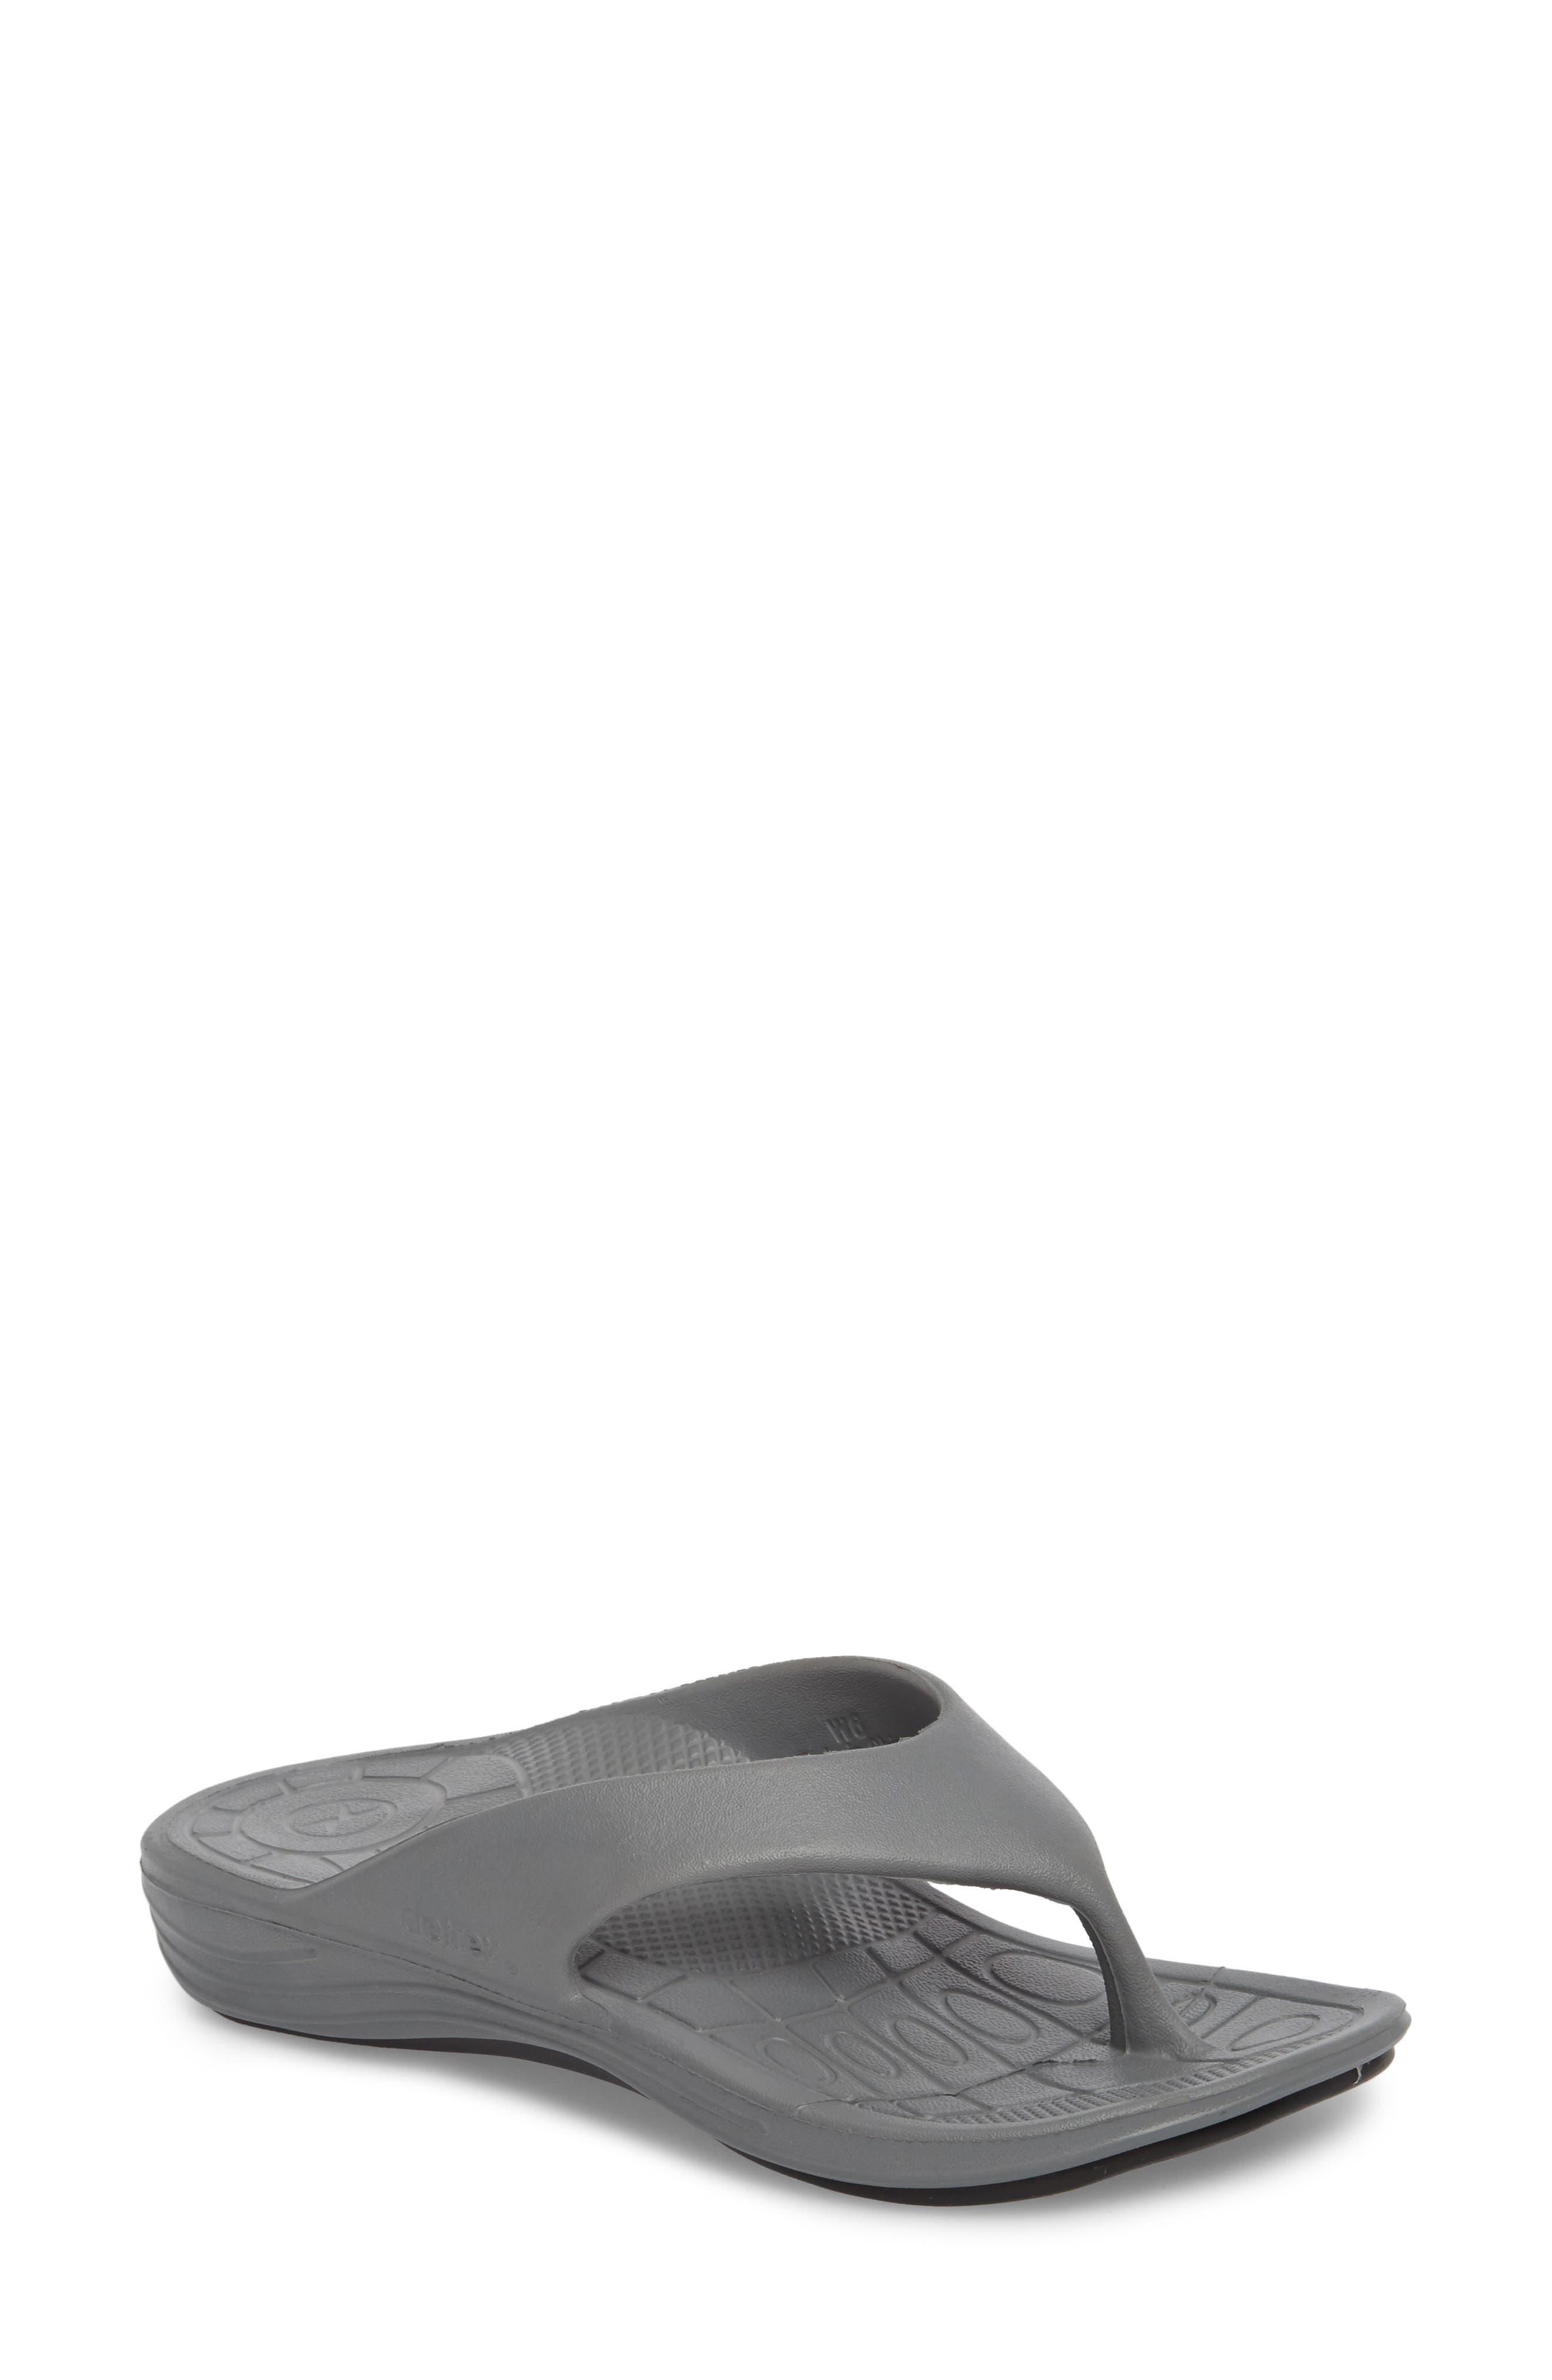 Aetrex Lynco Flip Flop, Grey